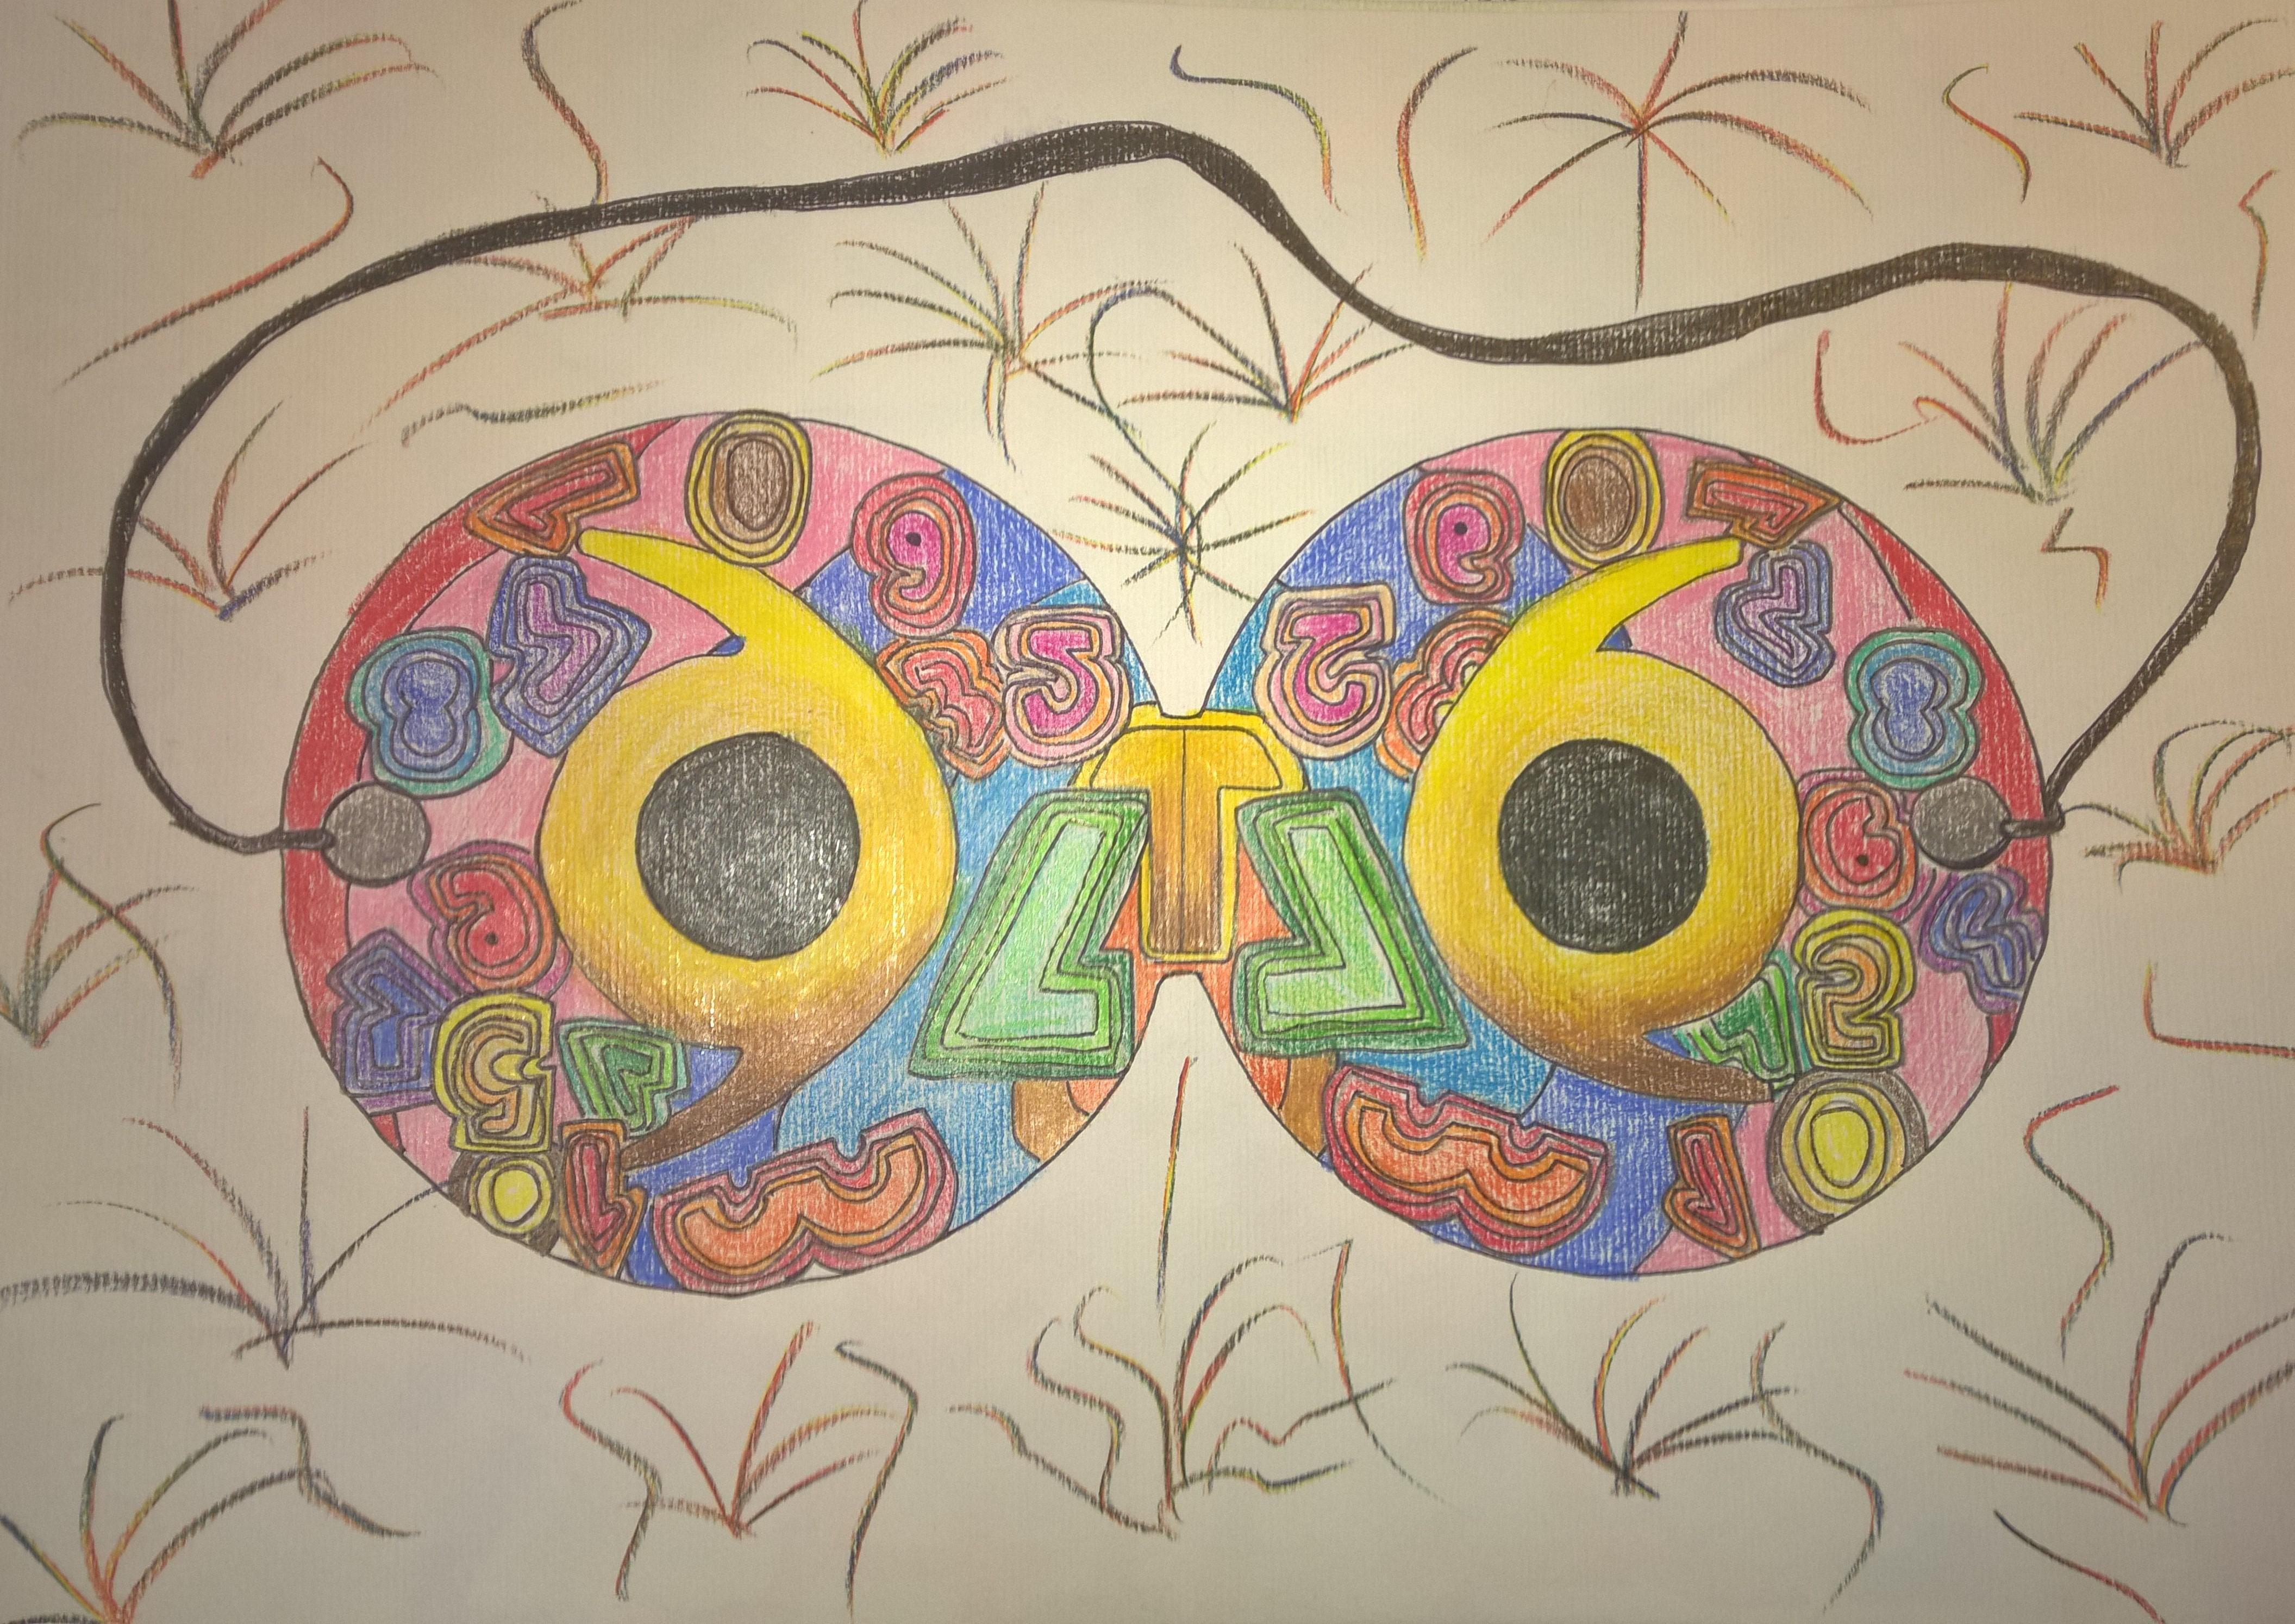 disegno di Ambra Zottino